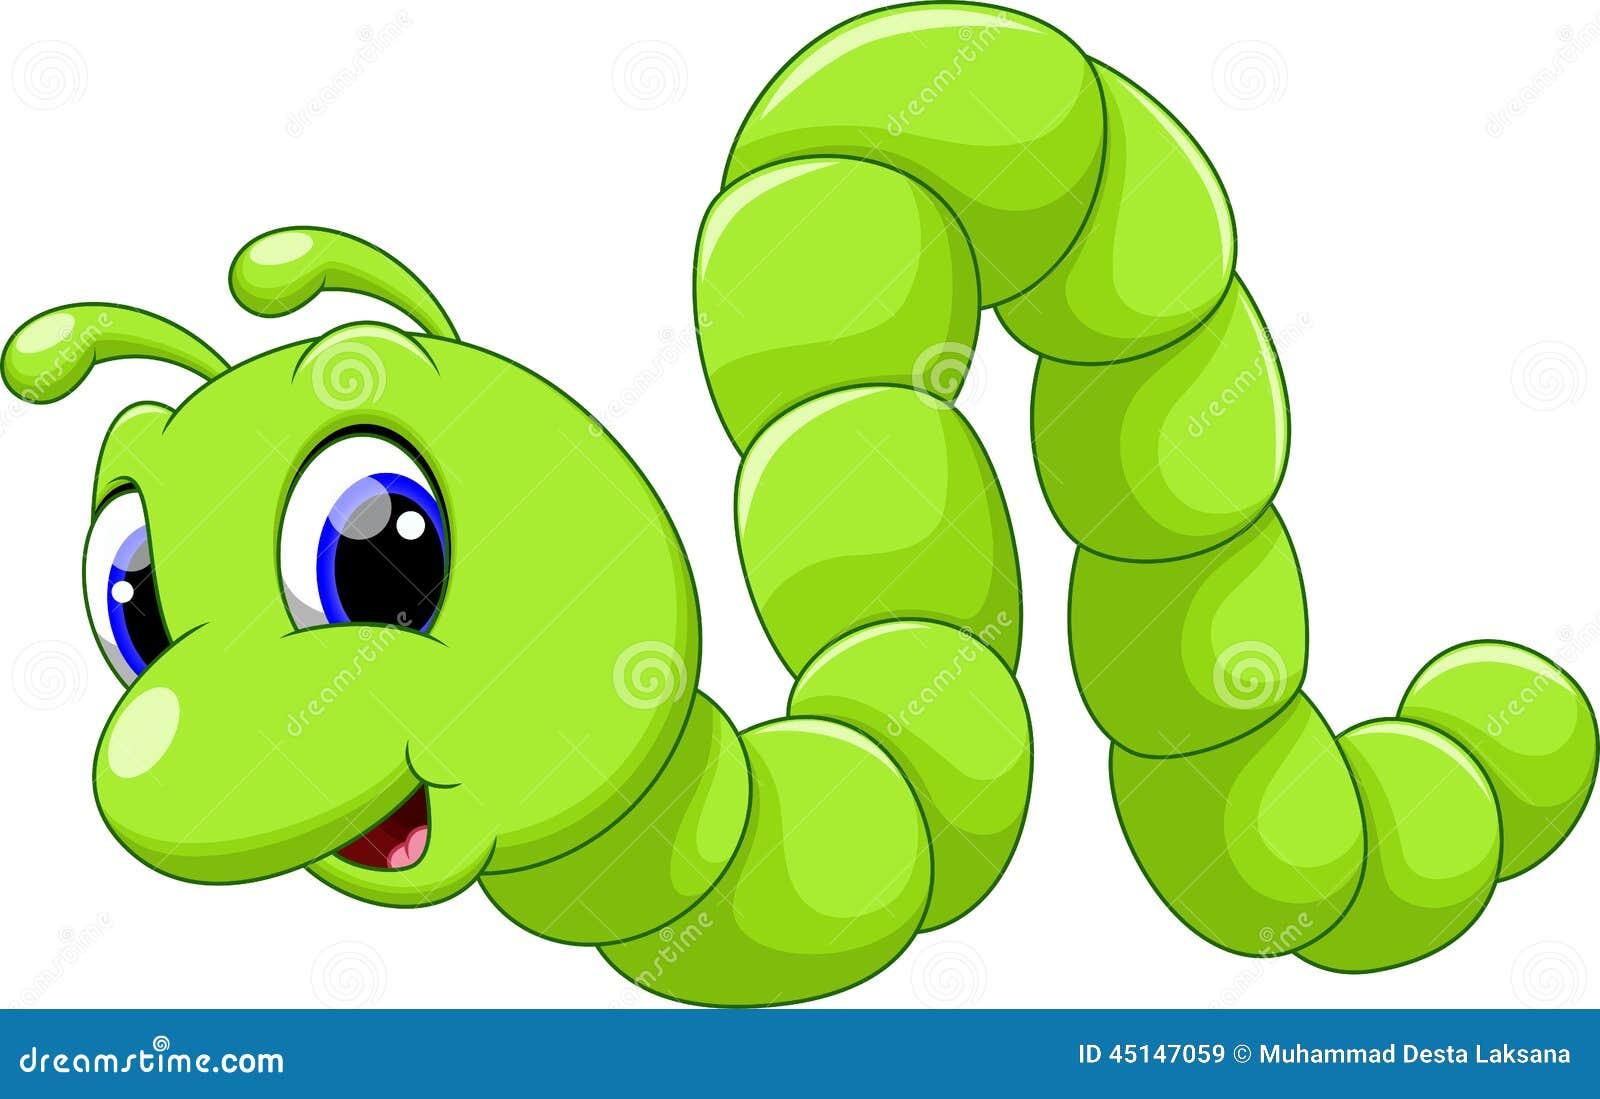 Desenhos animados bonitos da lagarta